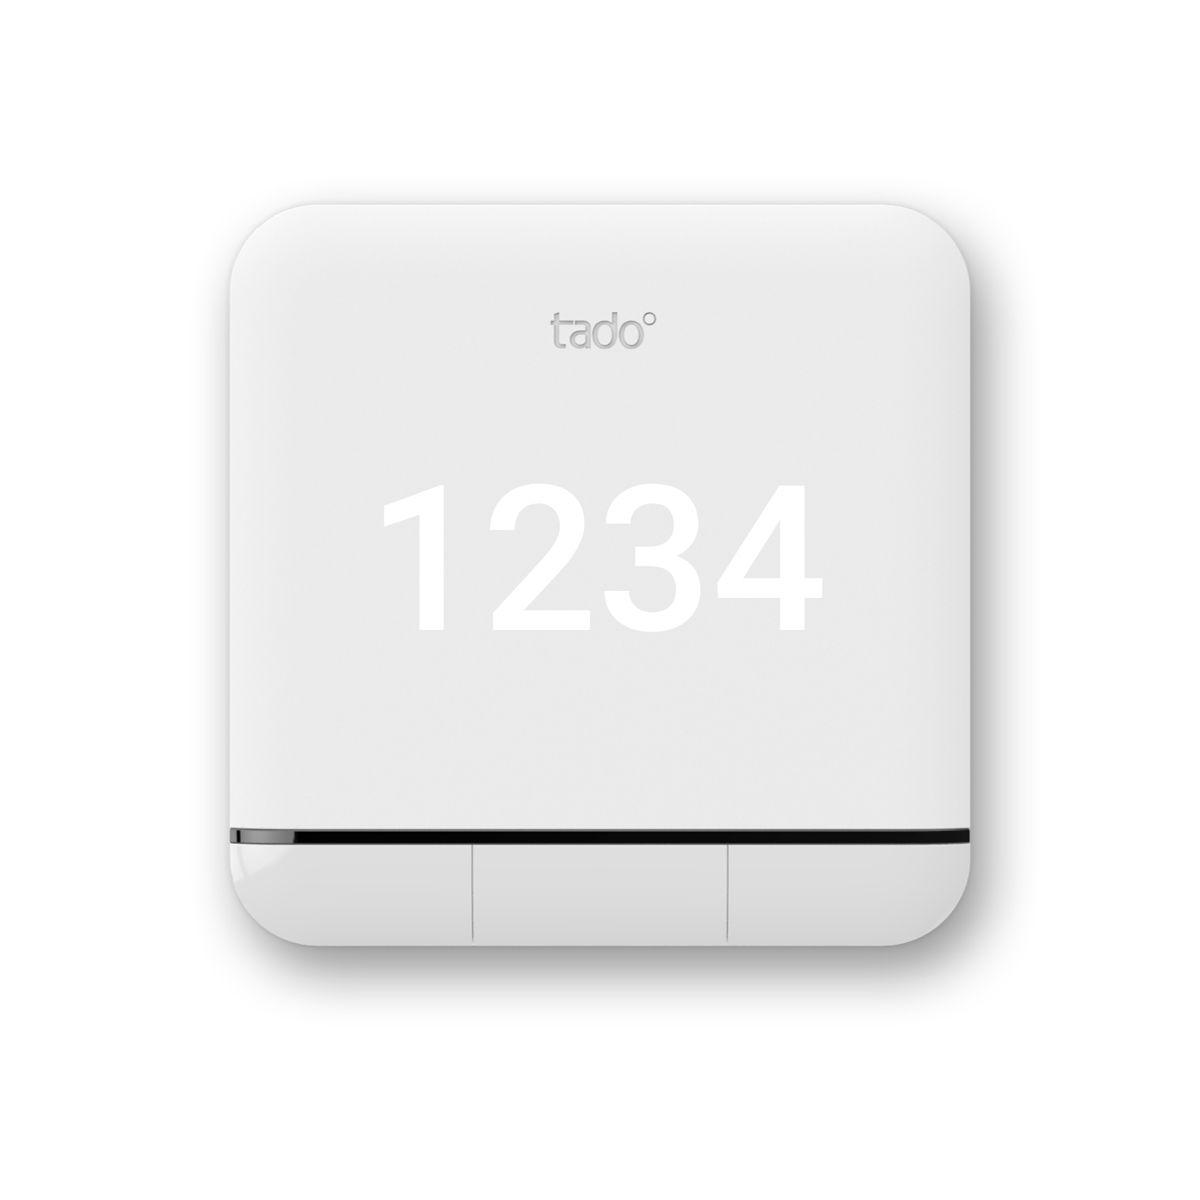 Tado Smart Air Conditioning Control